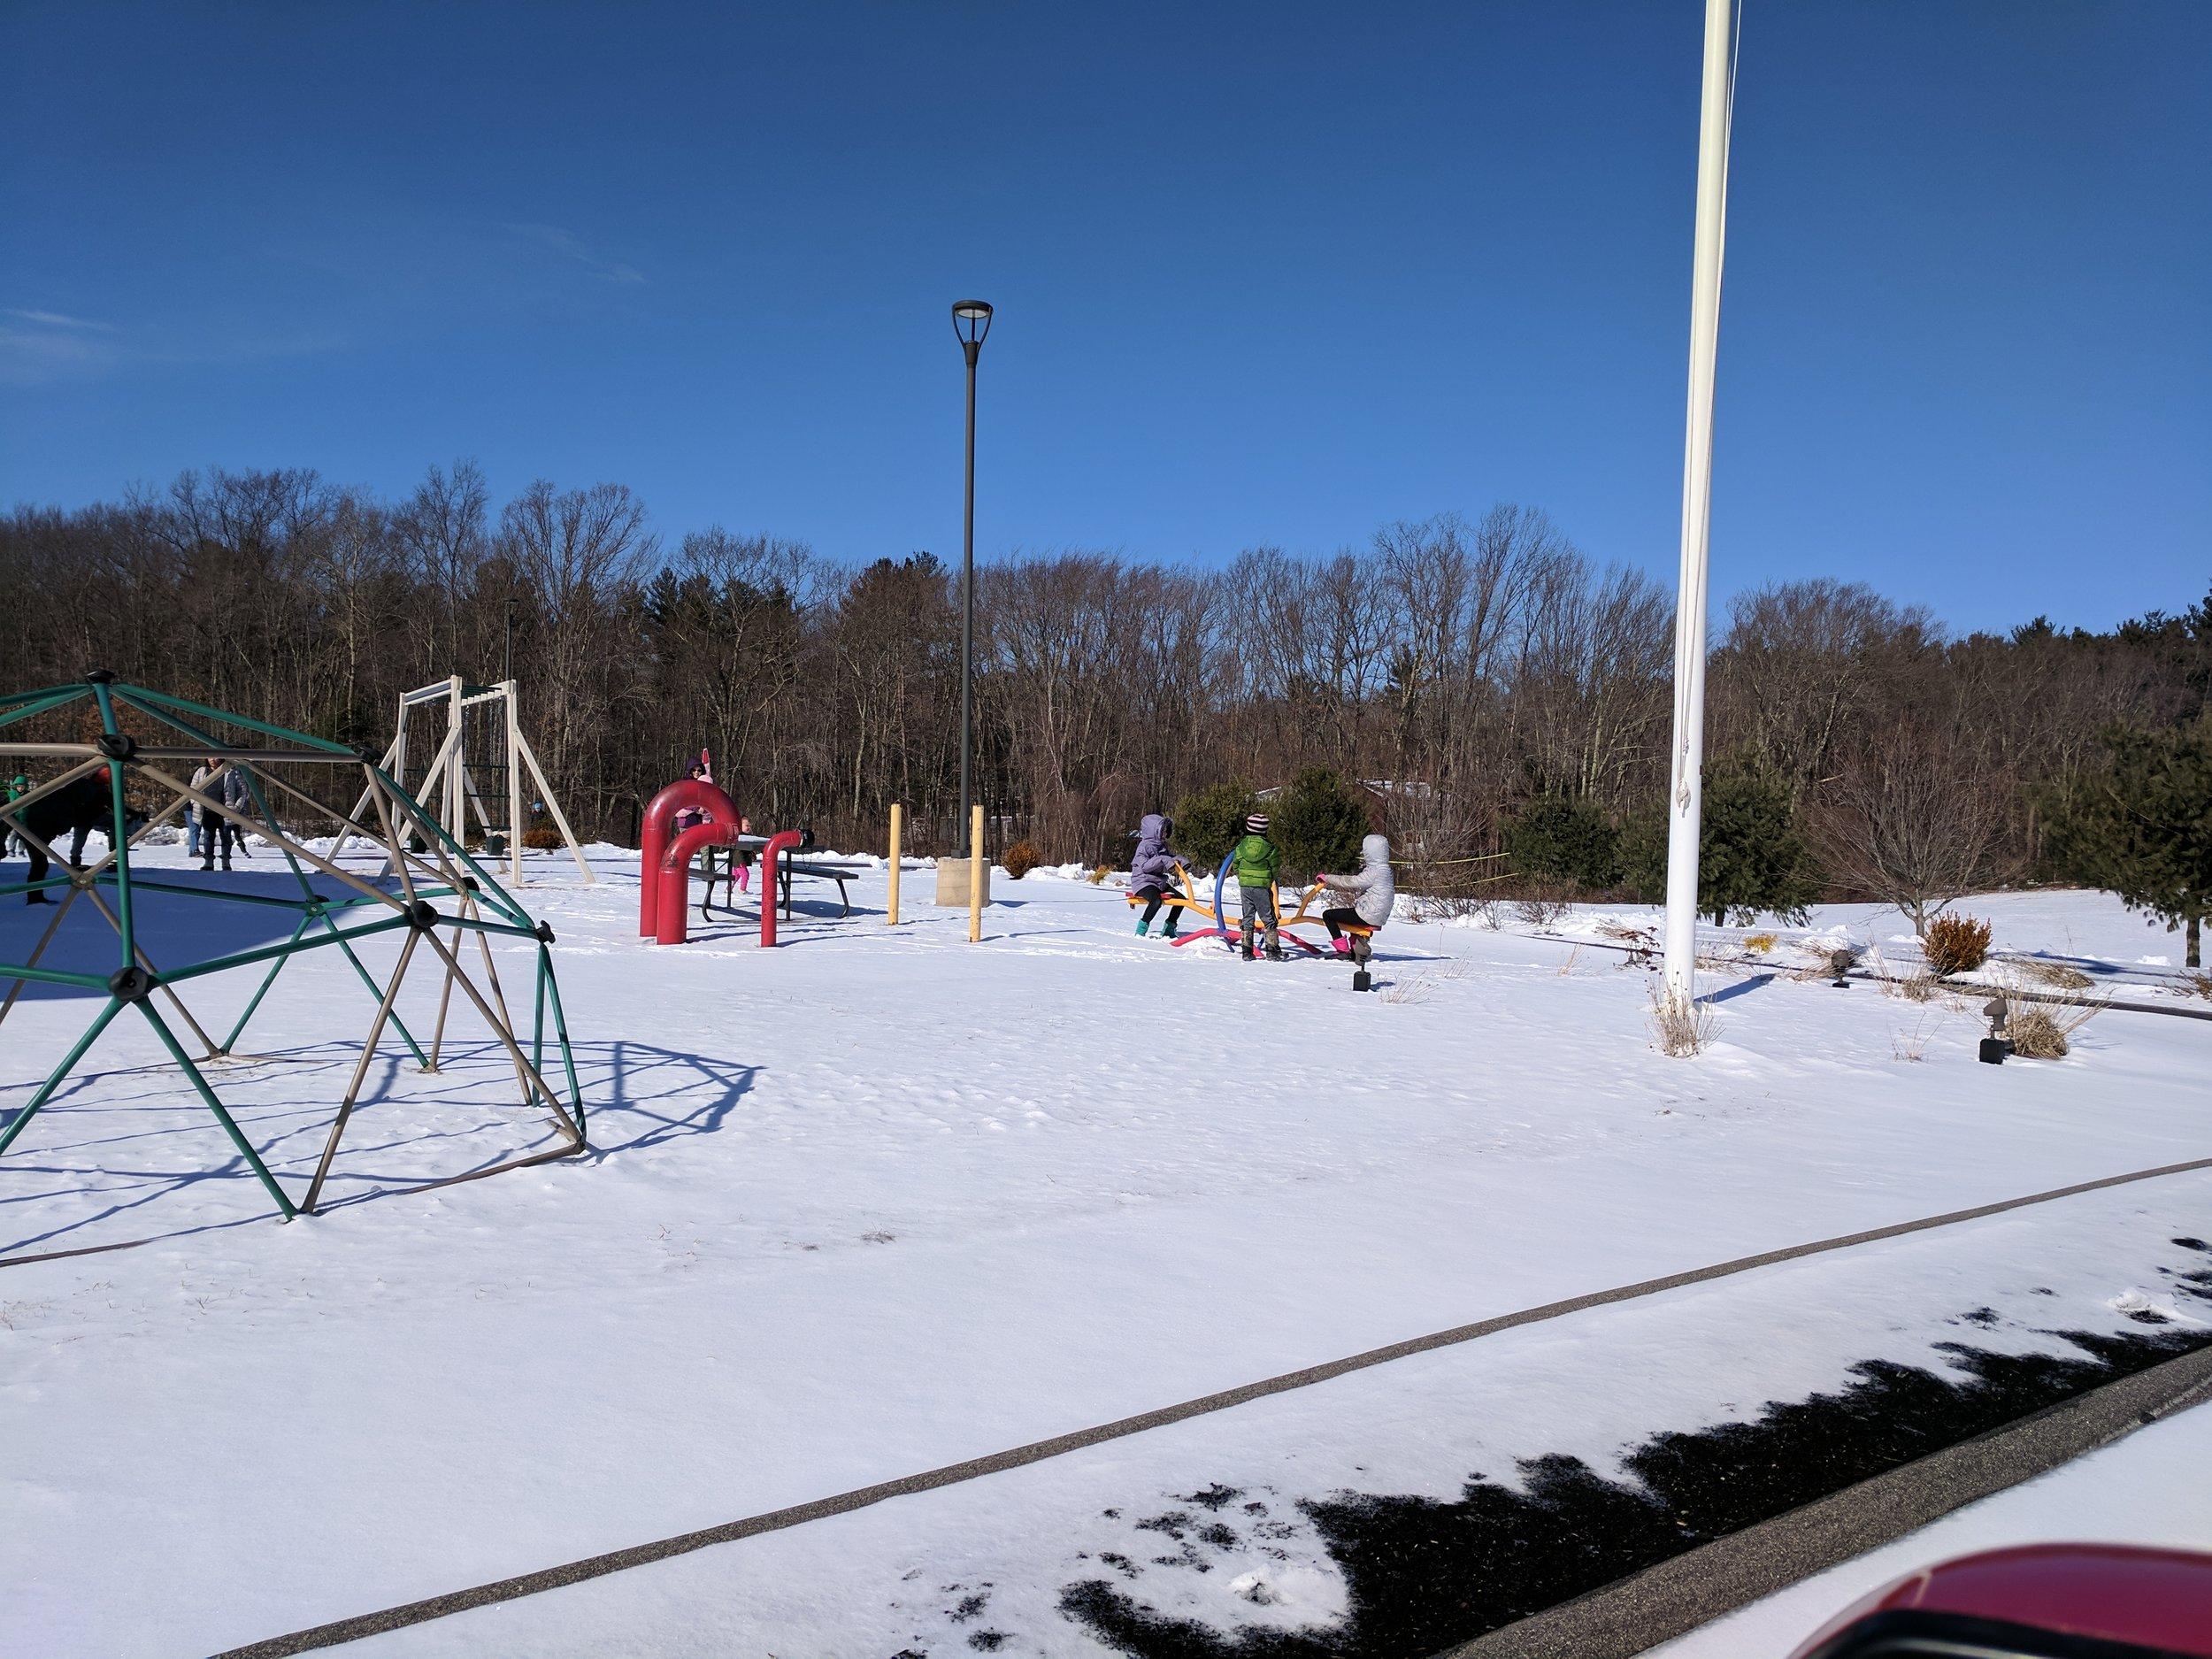 kids on playground in snow.jpg